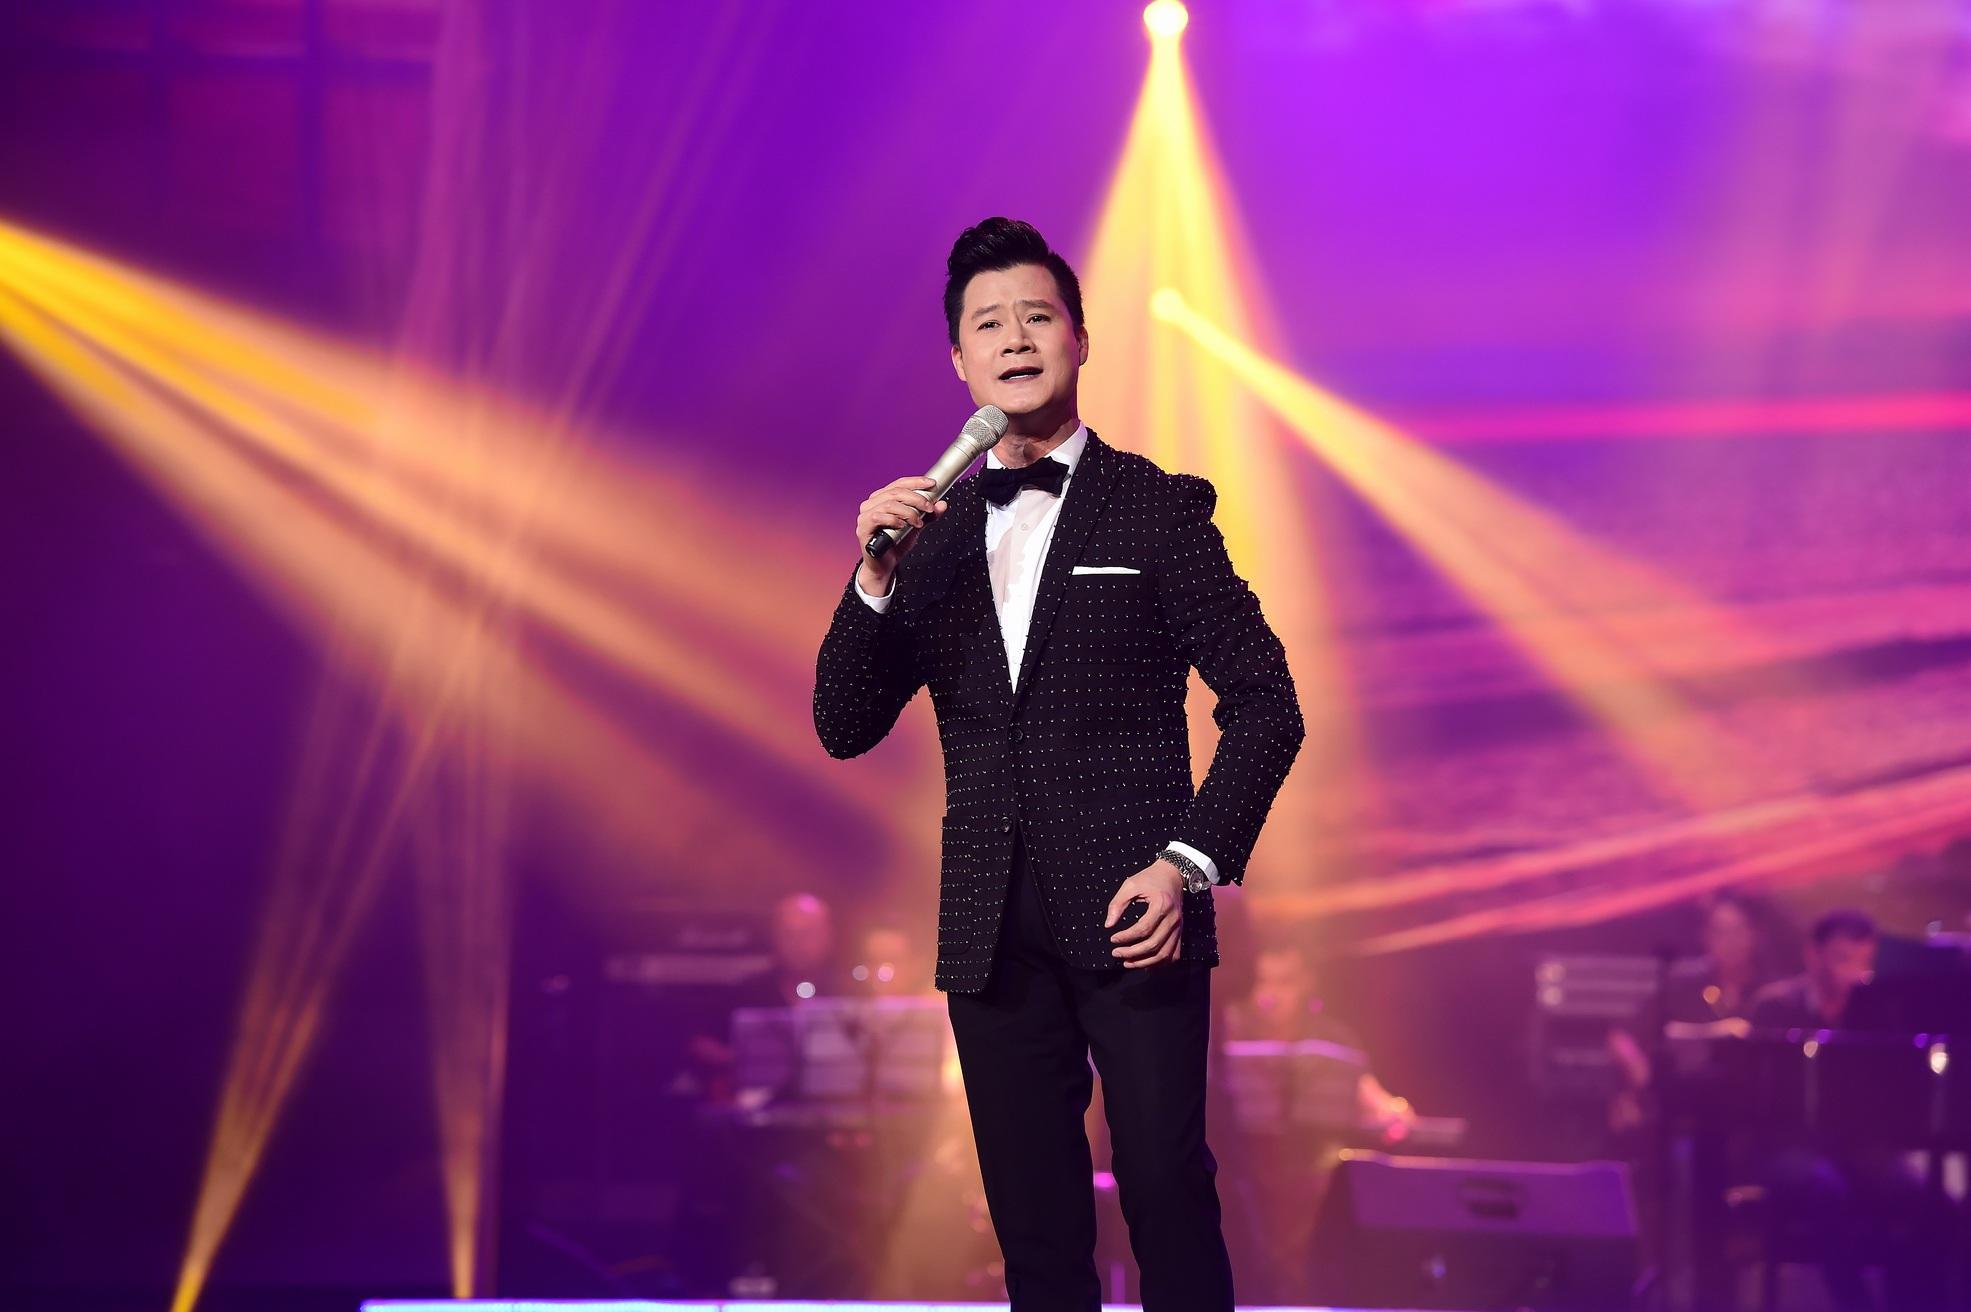 Ca sĩ Quang Dũng nồn nàn với chất giọng trầm ấm nhưng cũng đầy cảm xúc